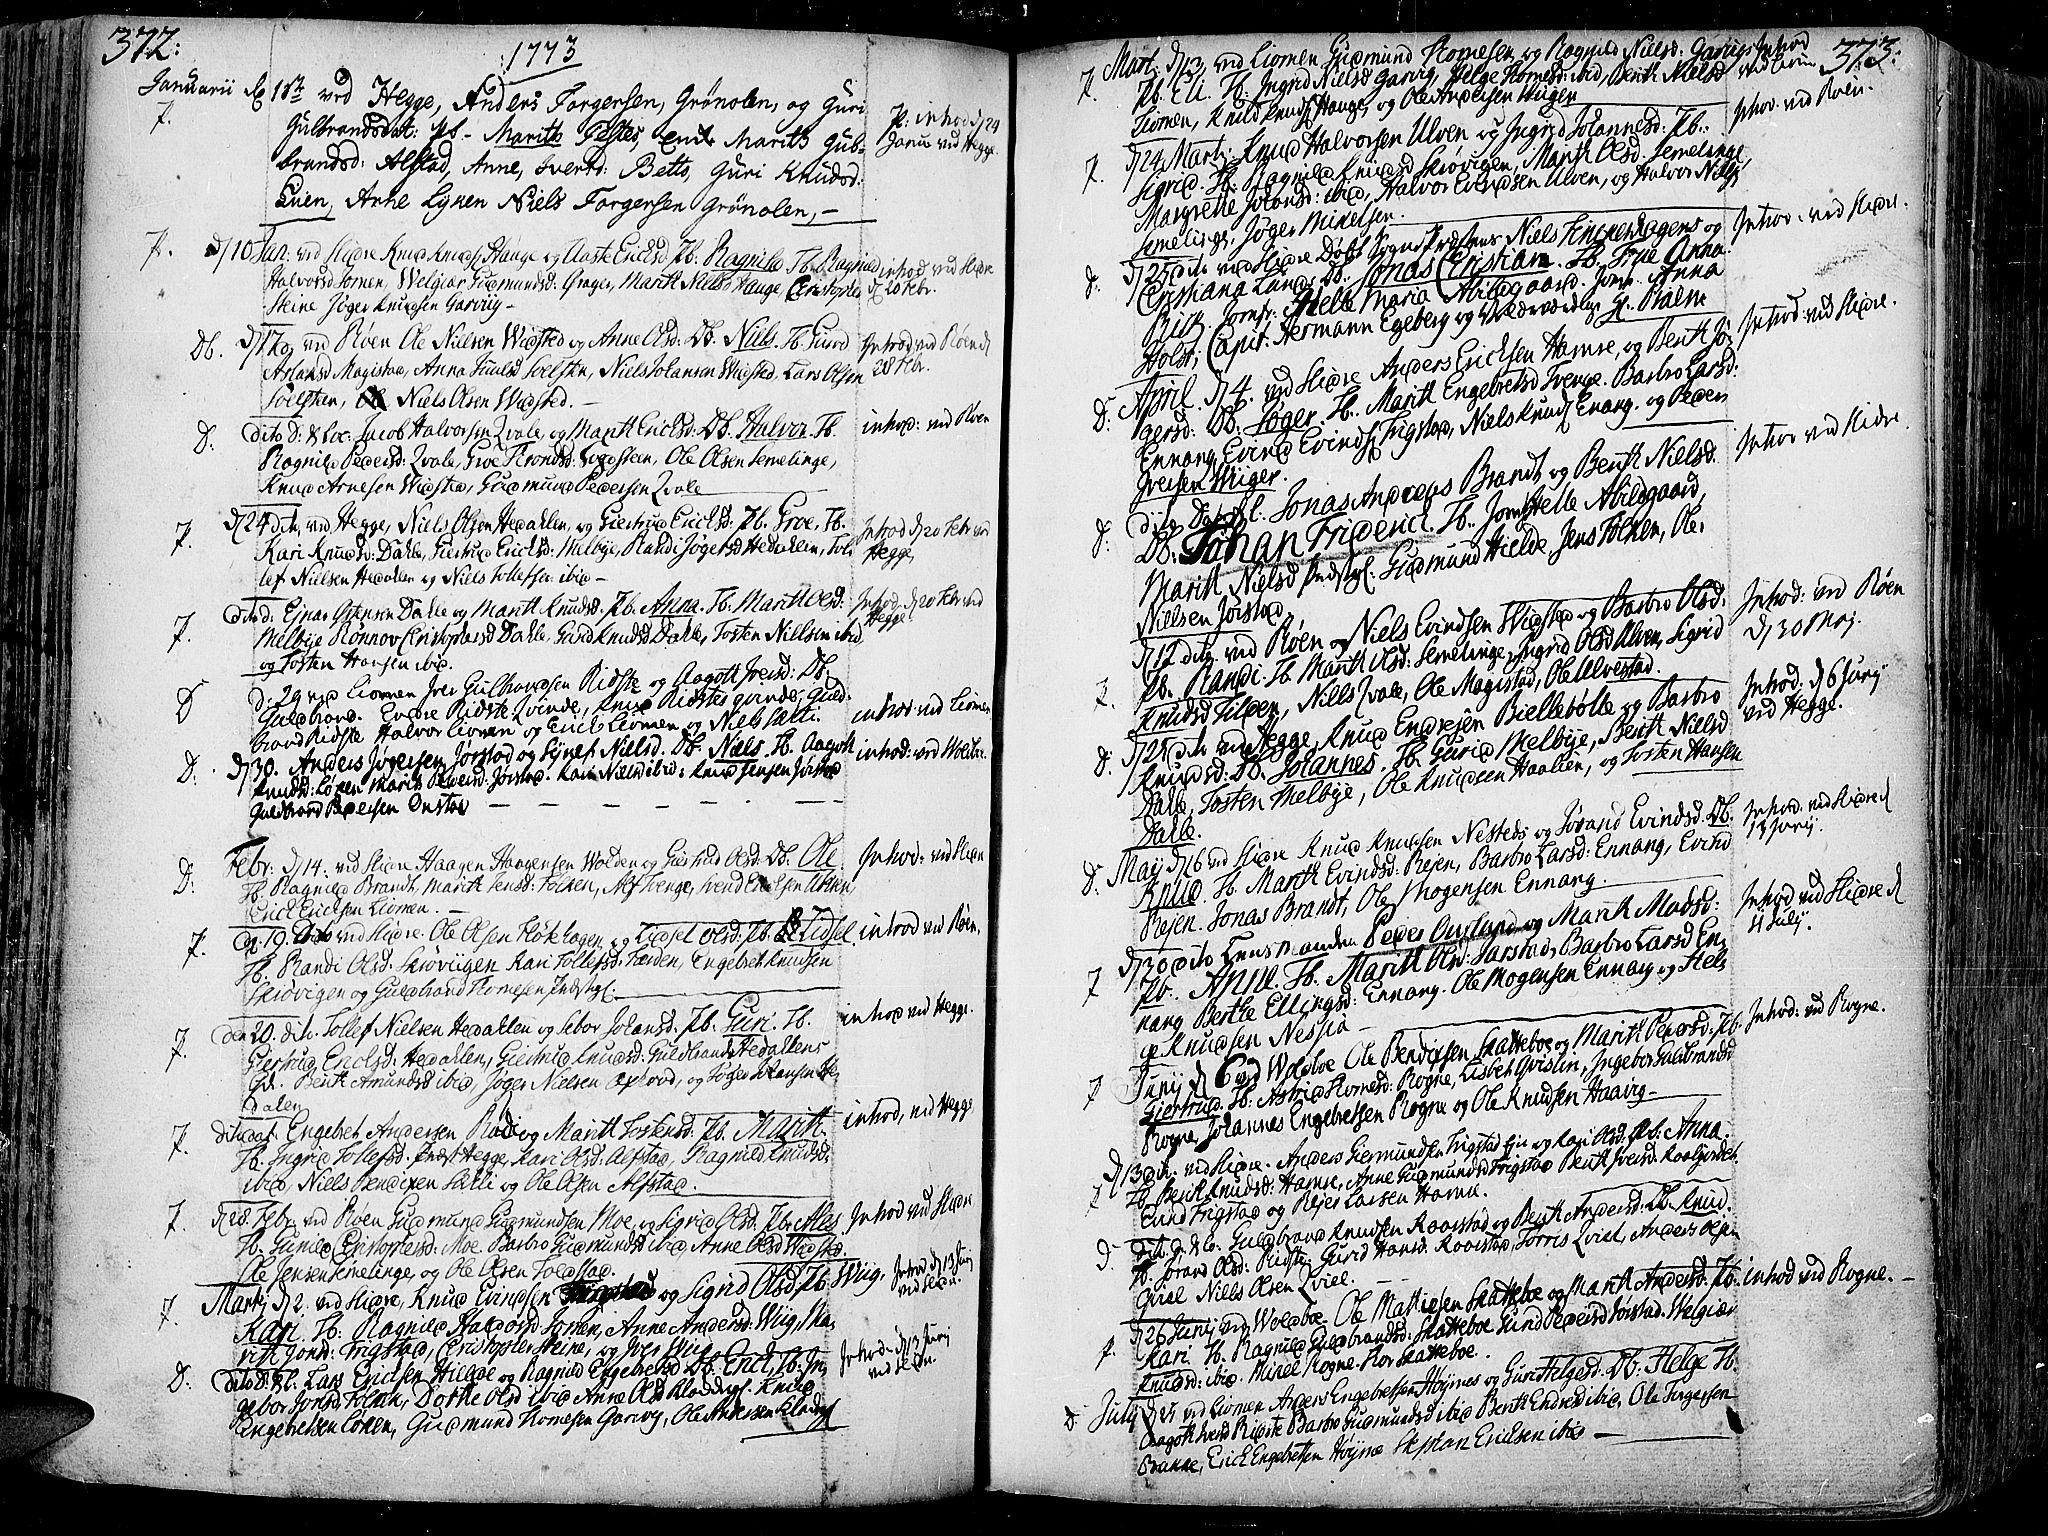 SAH, Slidre prestekontor, Ministerialbok nr. 1, 1724-1814, s. 372-373